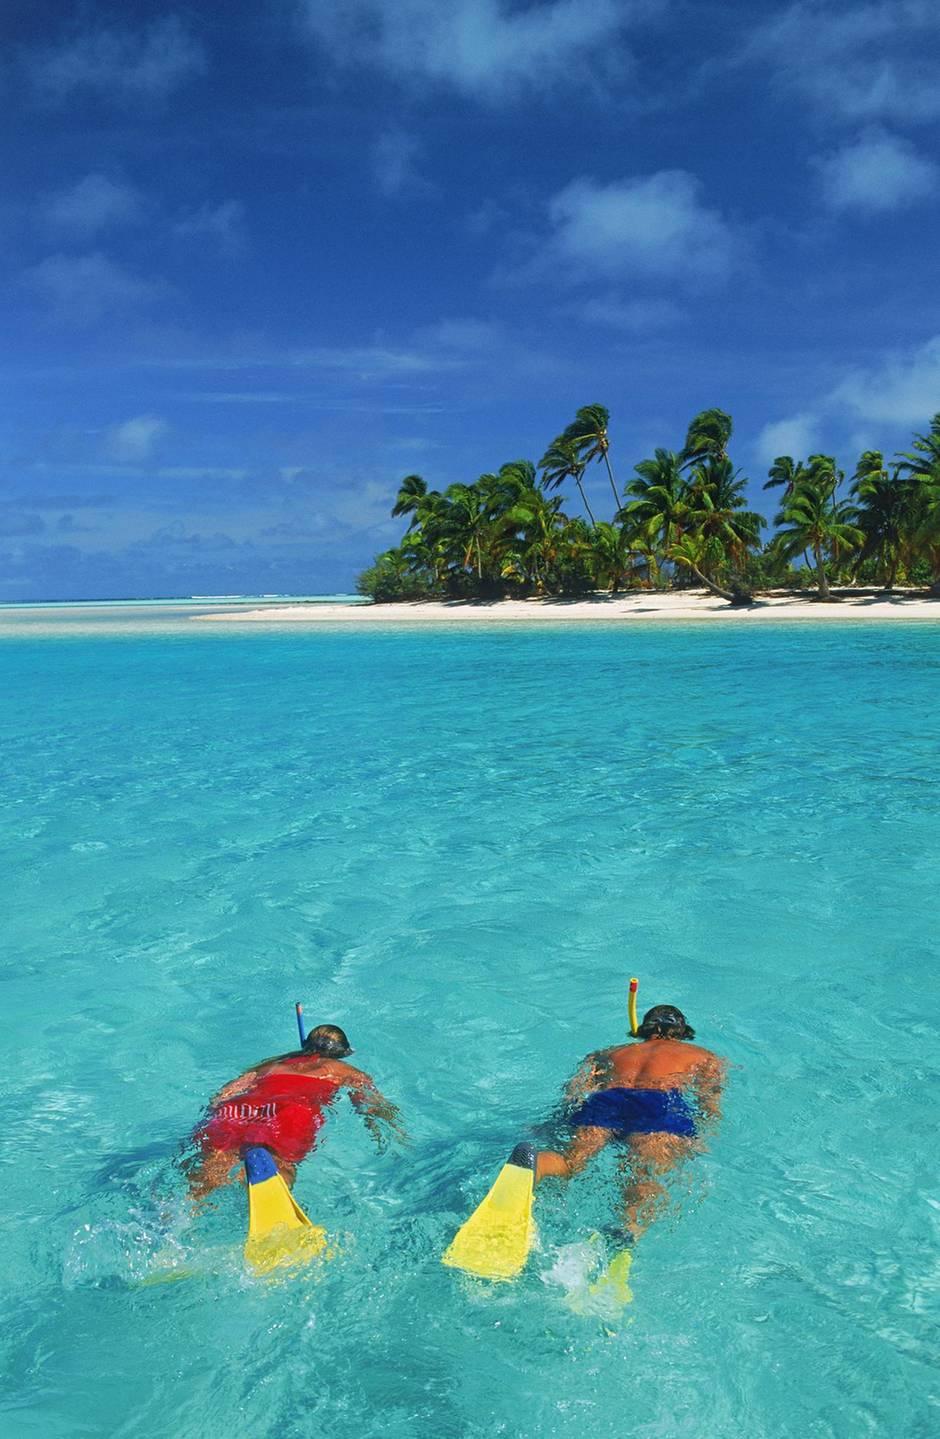 Die Cooks Islands, eine in die türkis-blaue Weite des Südpazifiks gewürfelte Inselgruppe, könnte der Prototyp fürs Paradies gewesen sein.